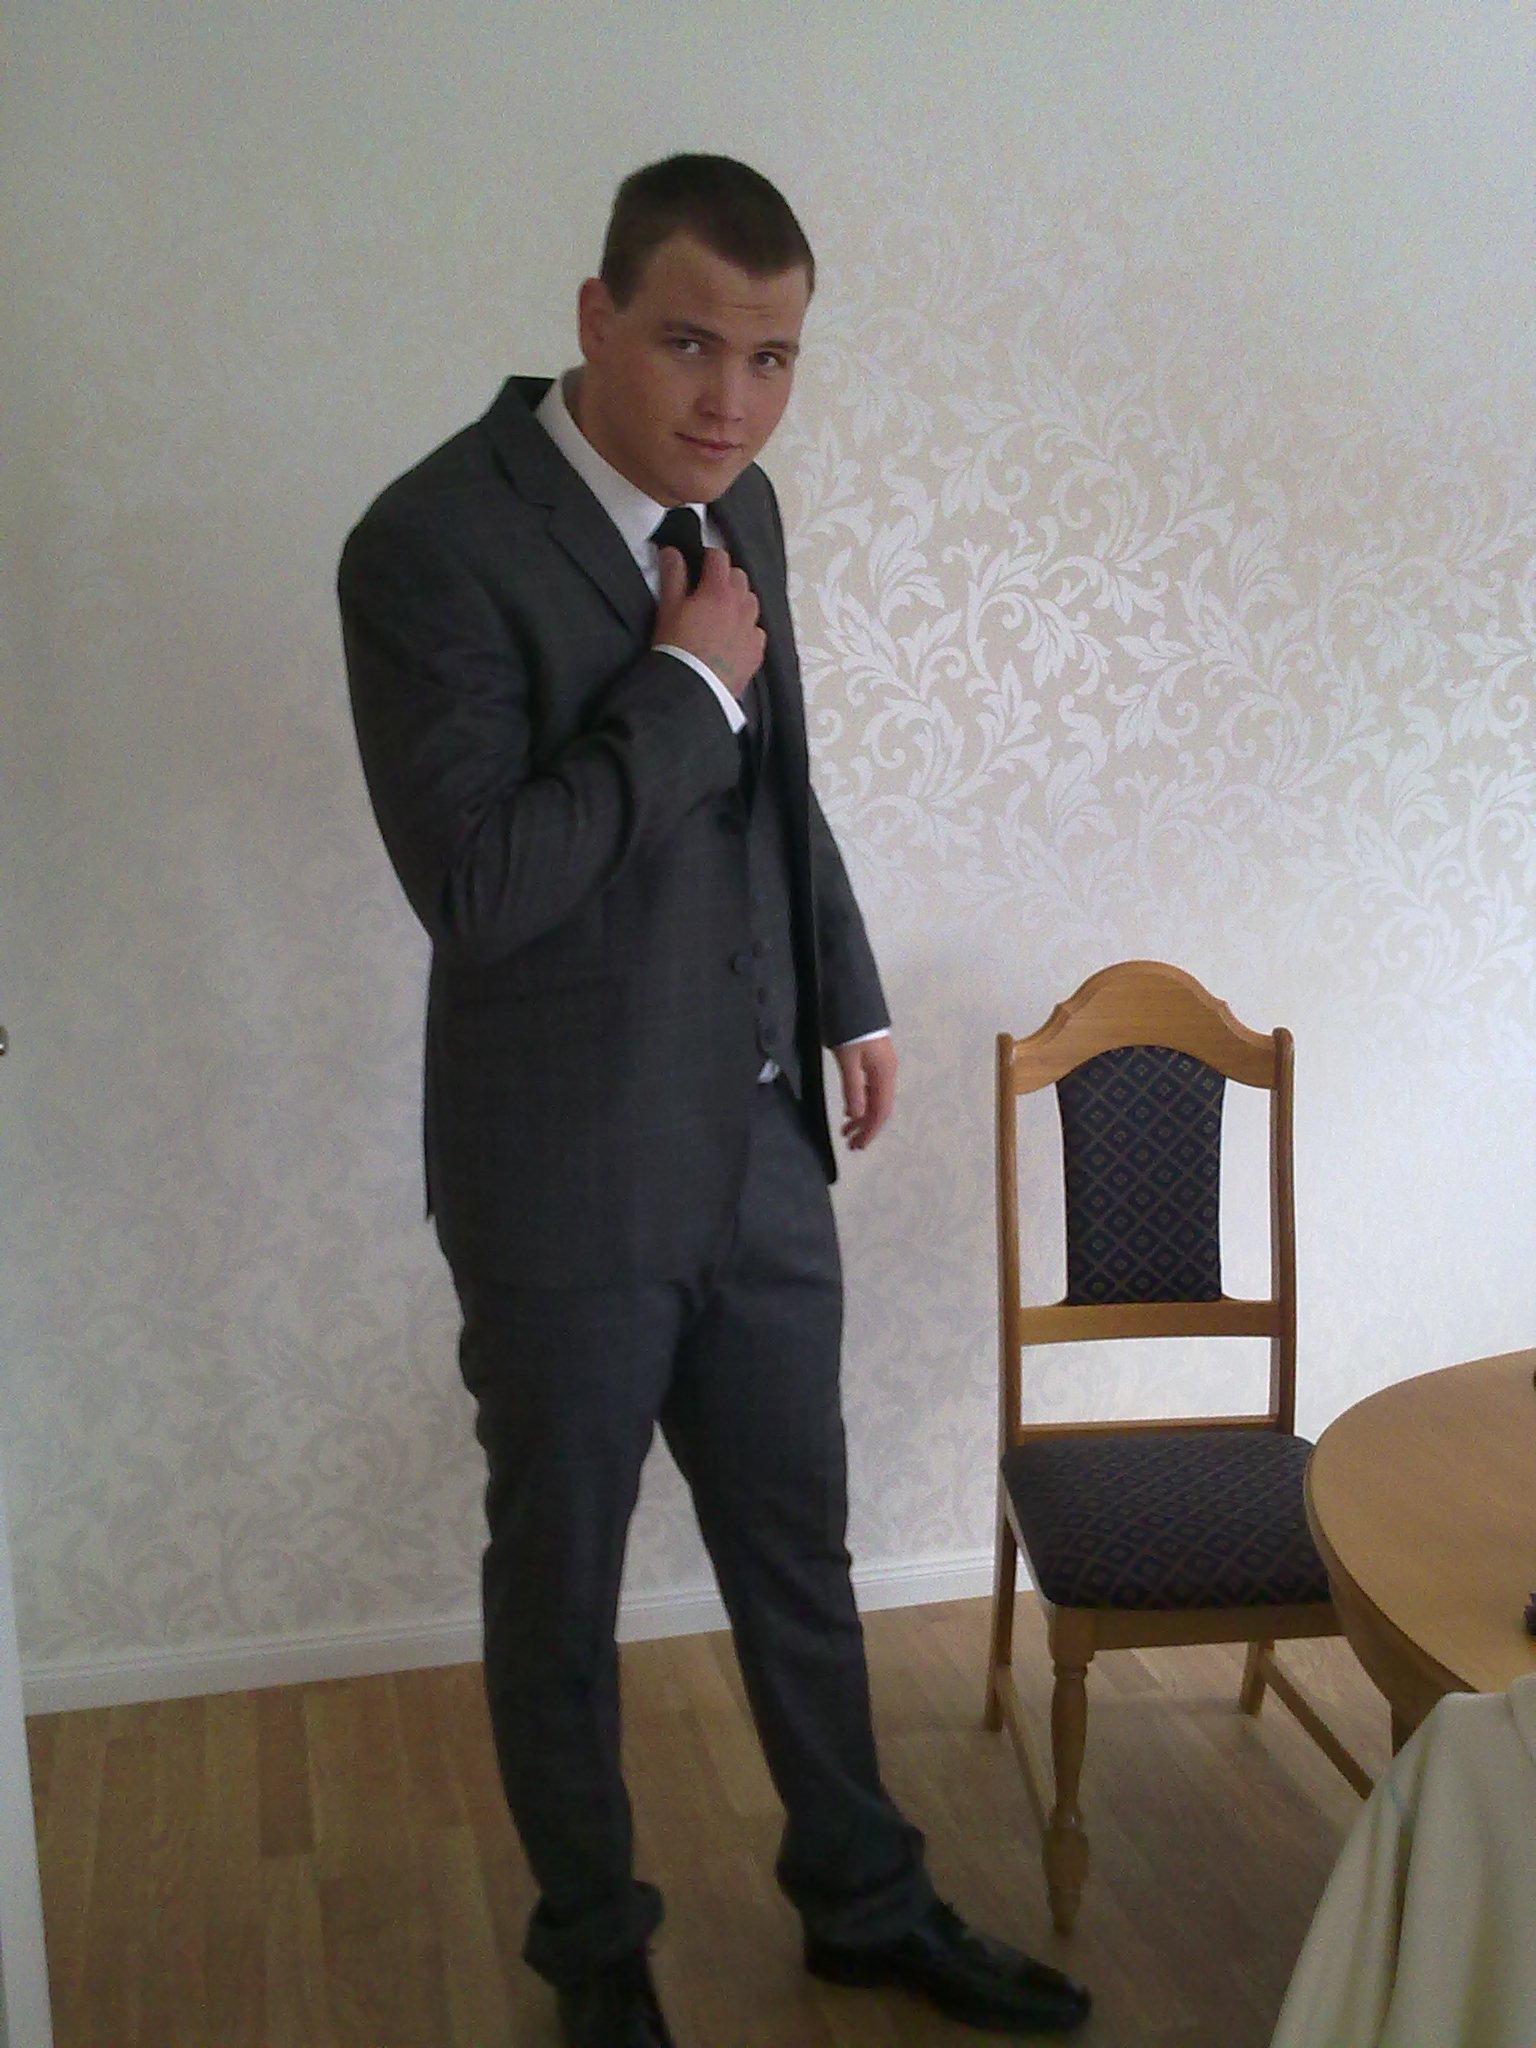 Suitup!